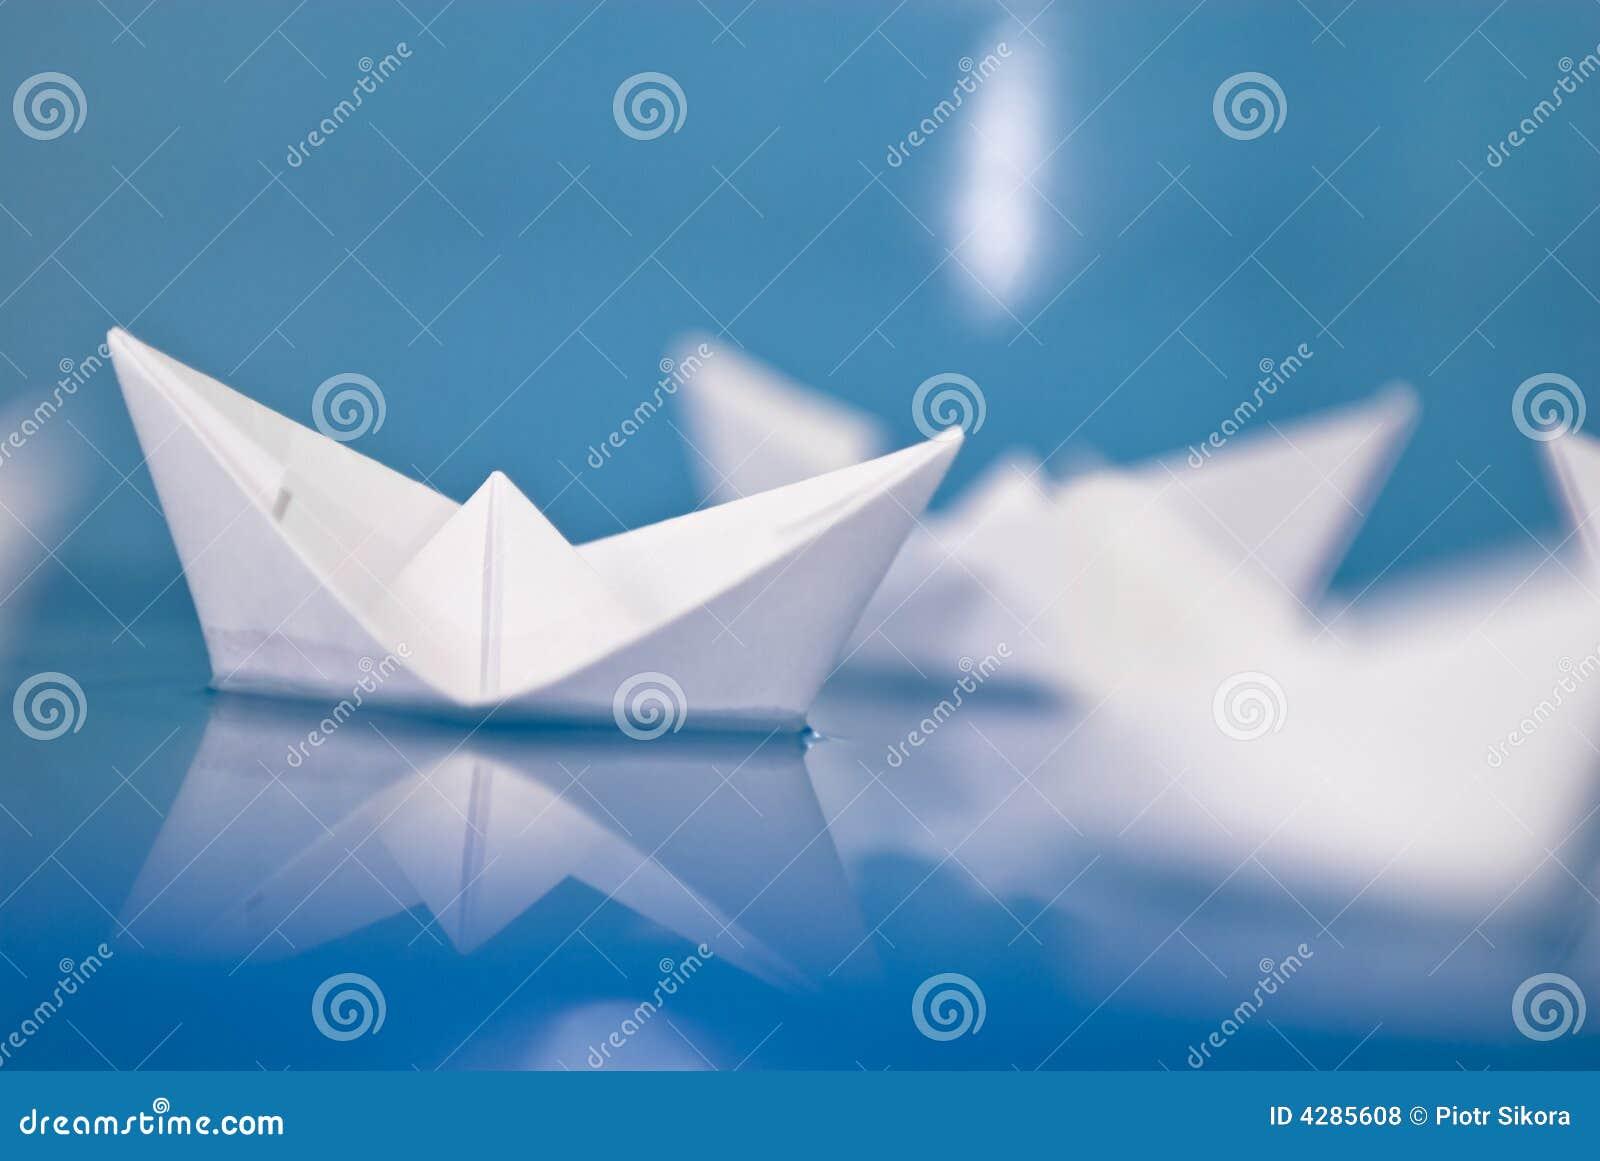 bateaux de papier d 39 origami photo stock image du macro bateau 4285608. Black Bedroom Furniture Sets. Home Design Ideas